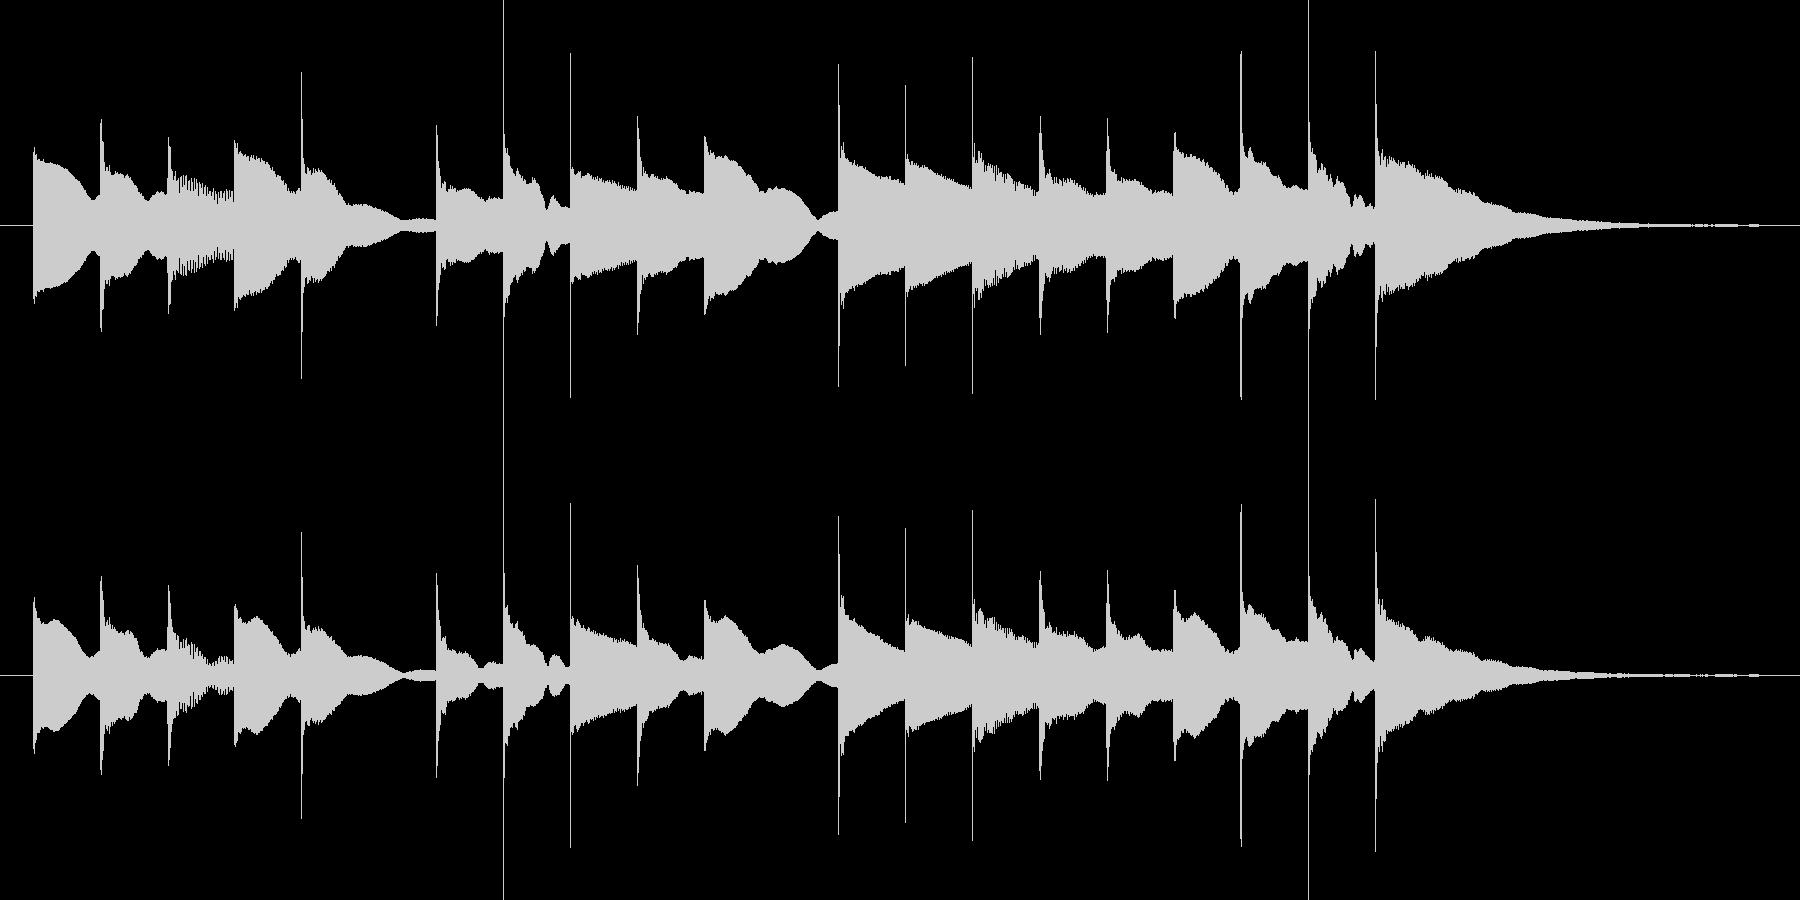 アルプスの牧場のオルゴールの未再生の波形